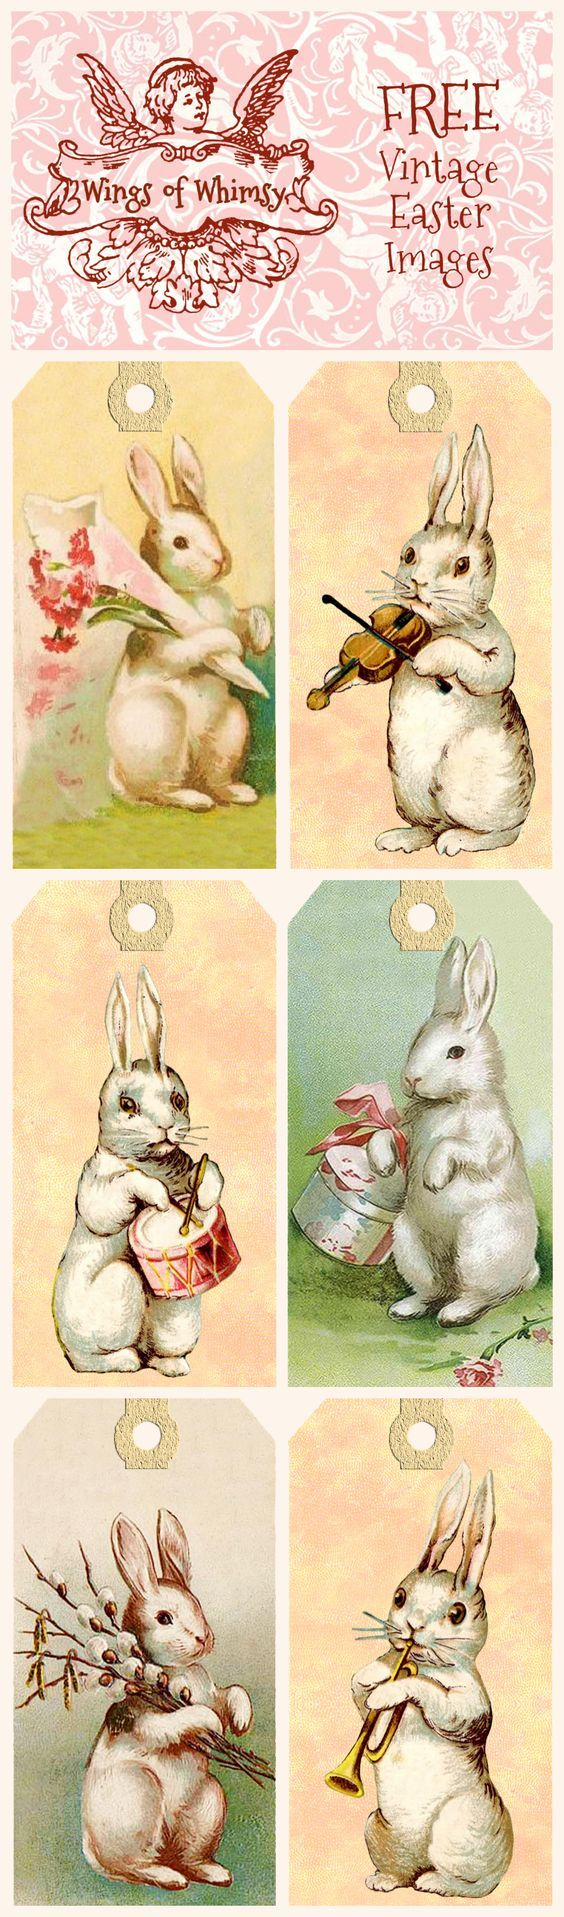 Ziemlich Draht Bunny Topiary Ideen - Die Besten Elektrischen ...